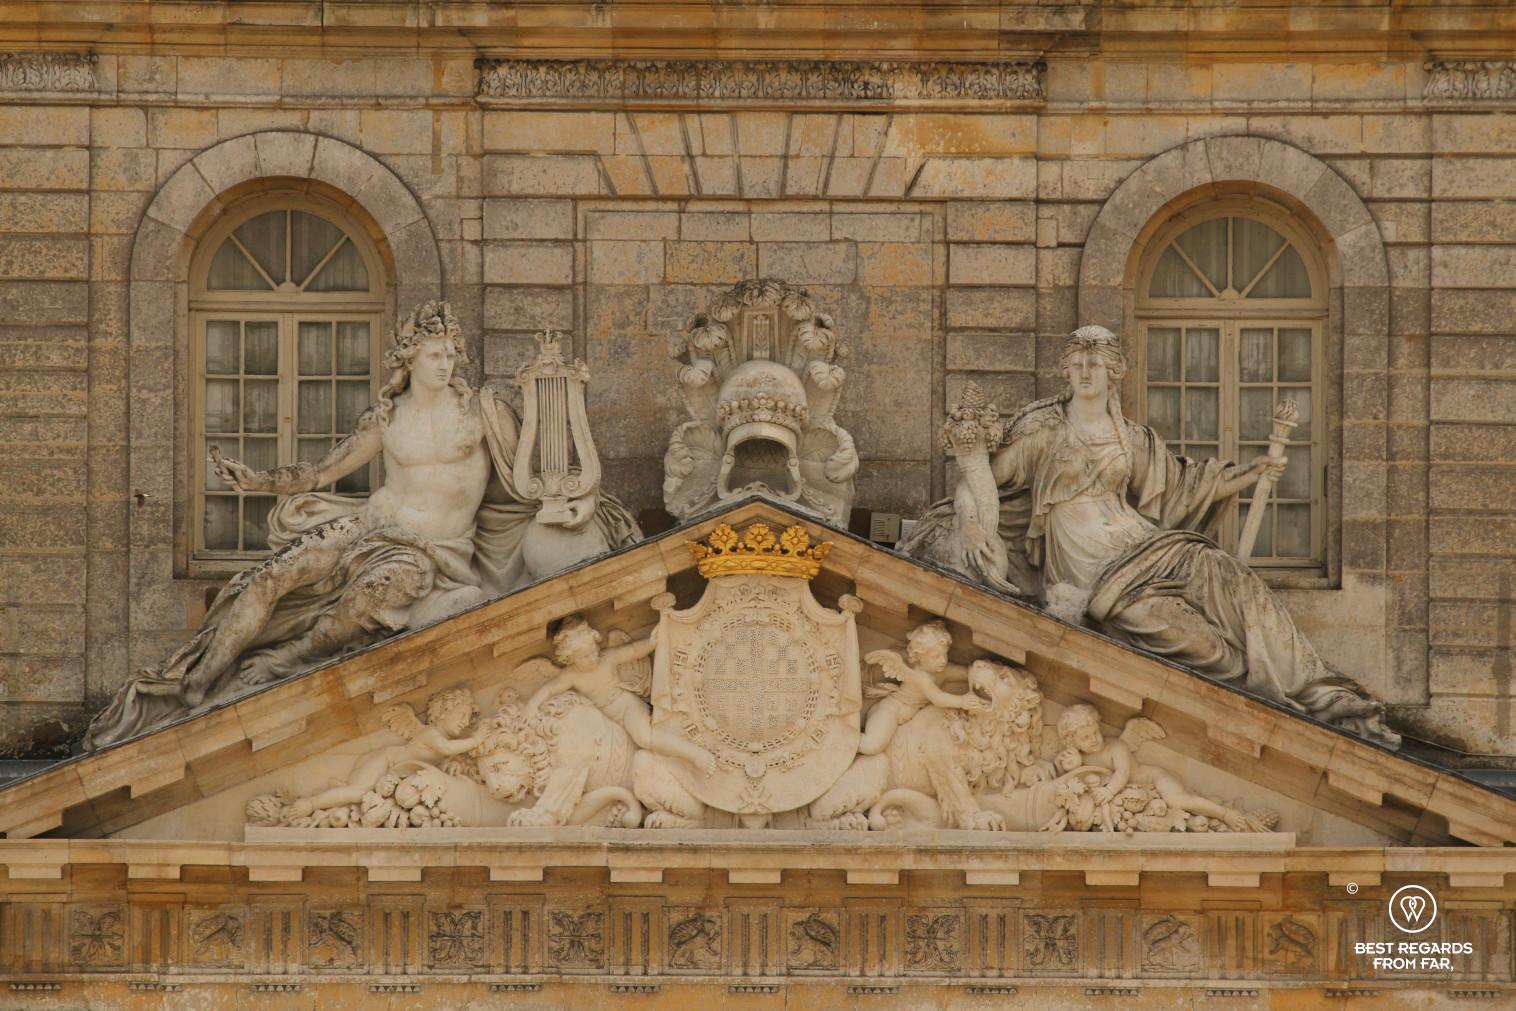 Castle of Vaux-le-Vicomte: details of sculptures